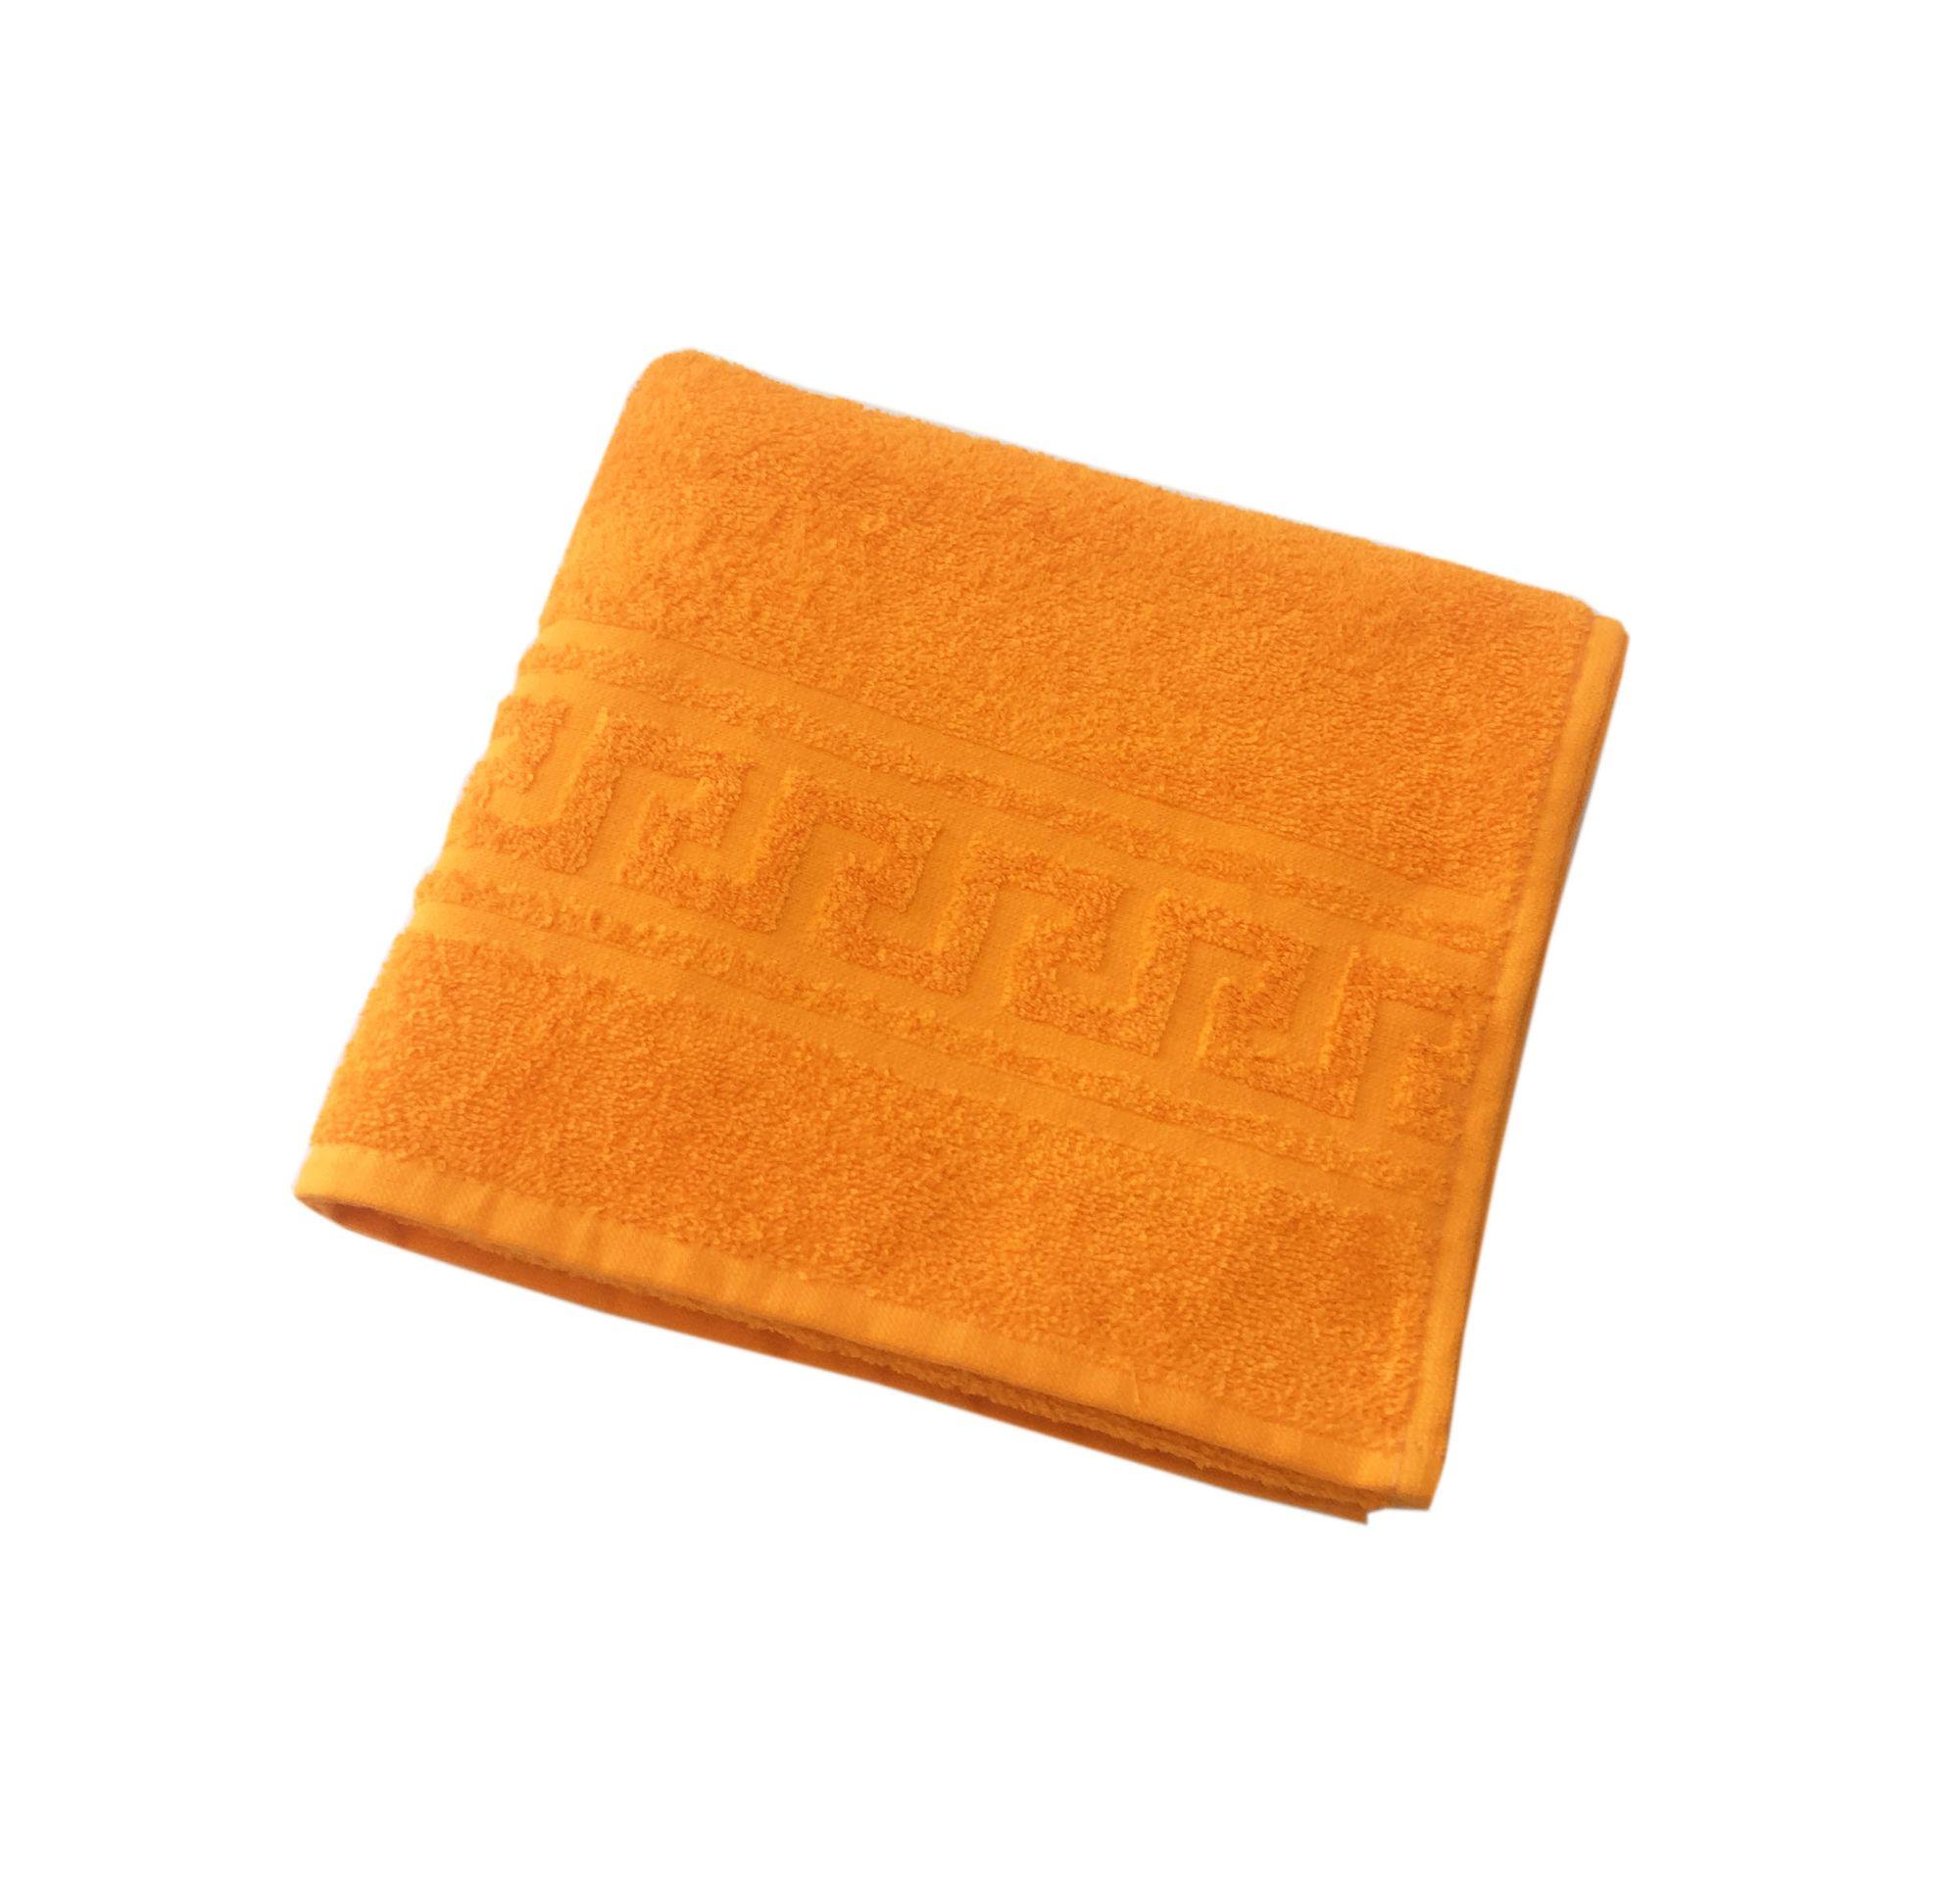 Махровое гладкокрашенное полотенце 40*70 см 380 г/м2 (Апельсиновый)